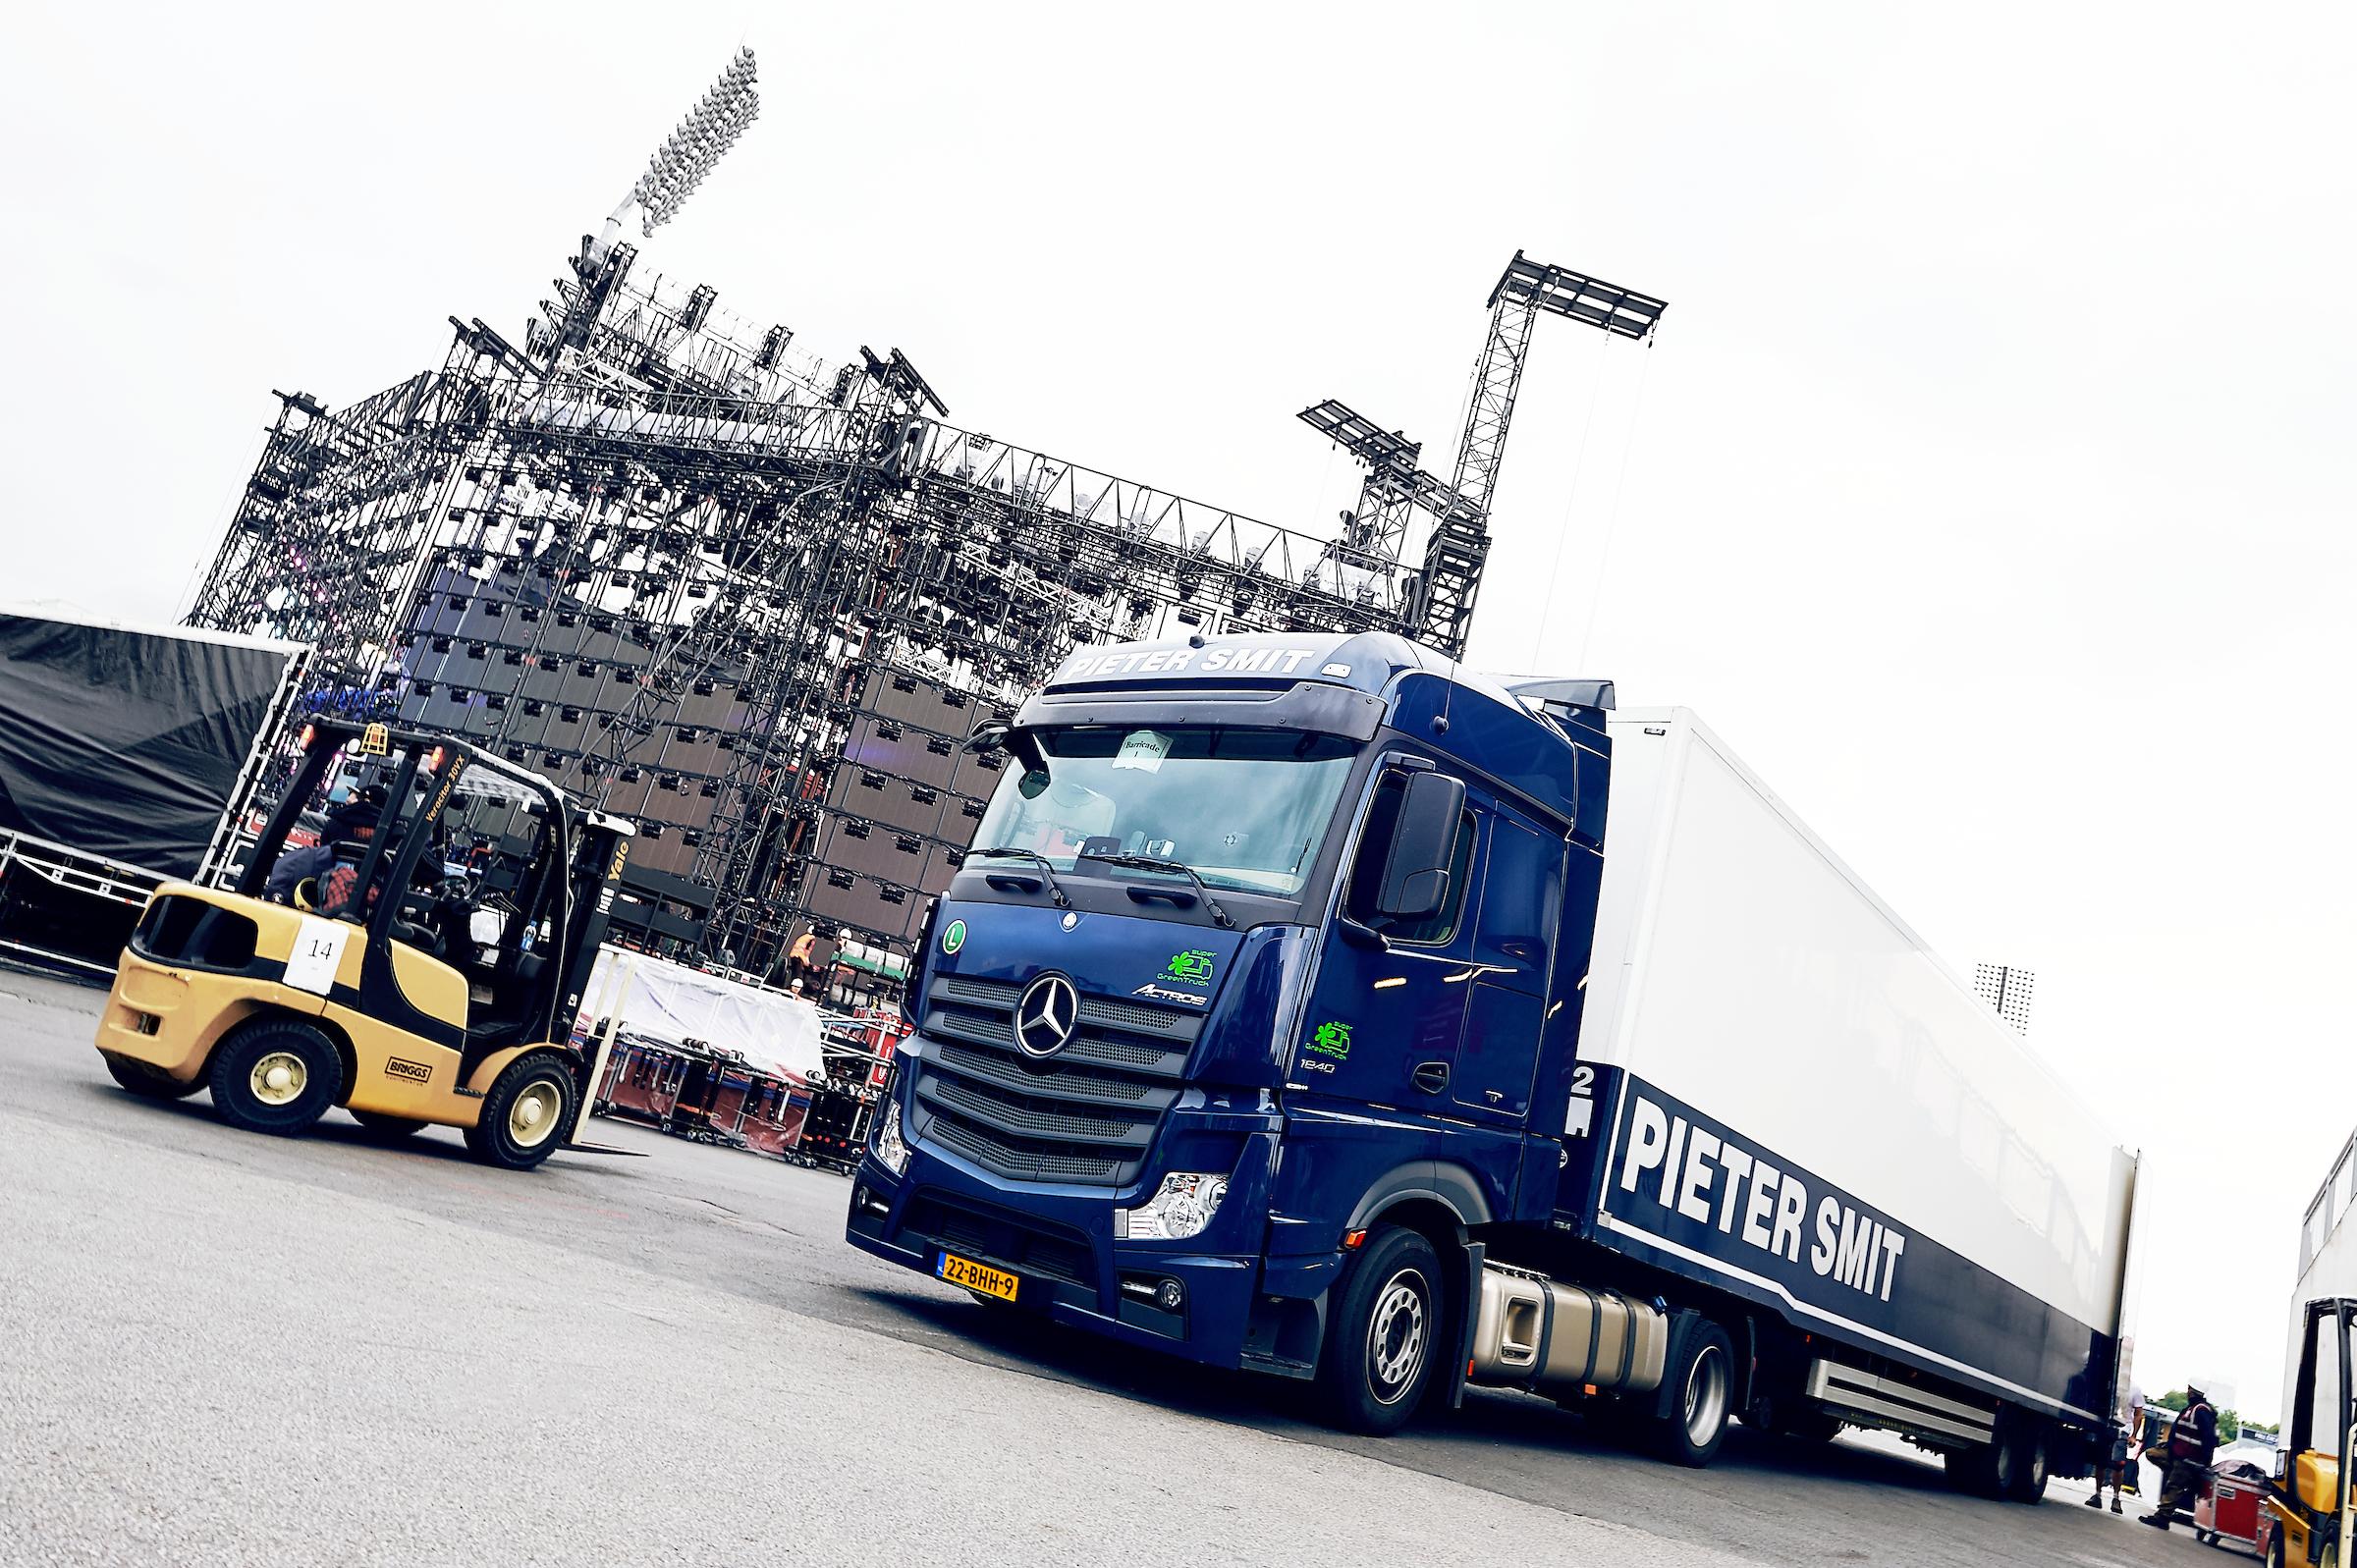 601bd68a1385c_Pieter-Smit-Trucking-on-site-01